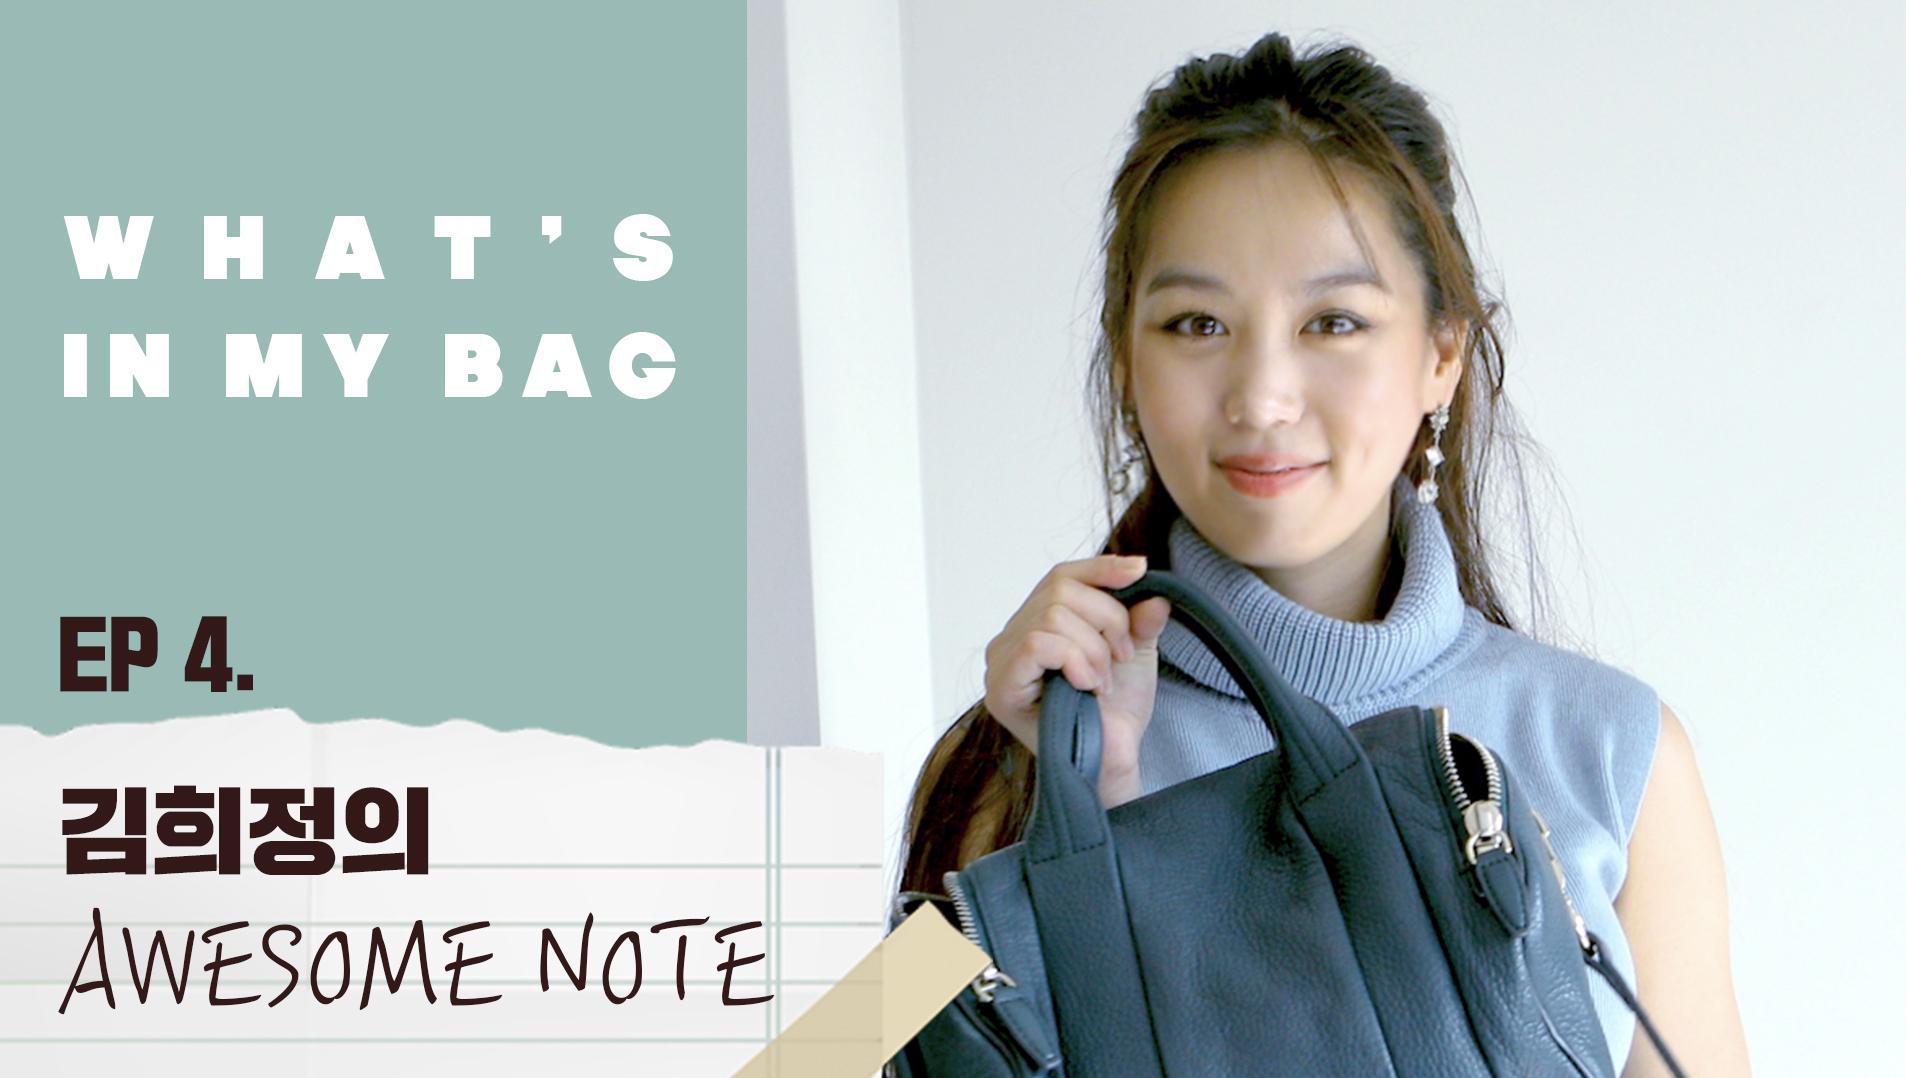 어썸노트 EP.4 ) 김희정의 What's in my bag?!